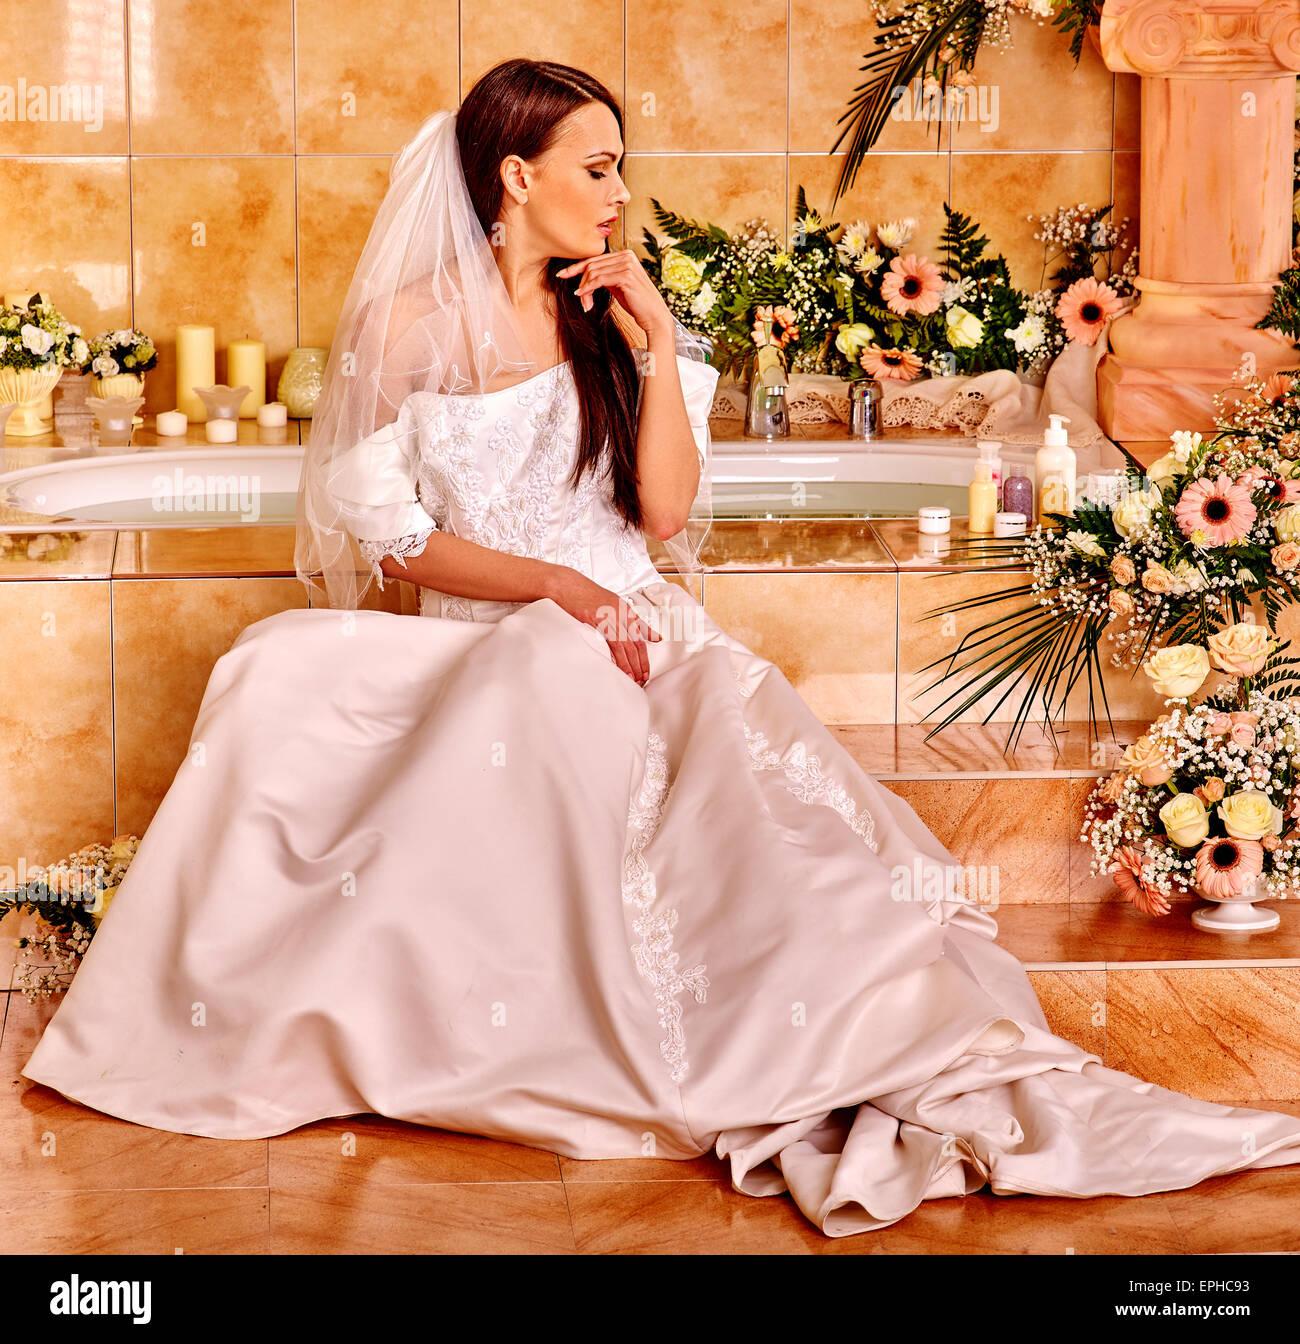 Woman wearing wedding dress Stock Photo: 82746751 - Alamy